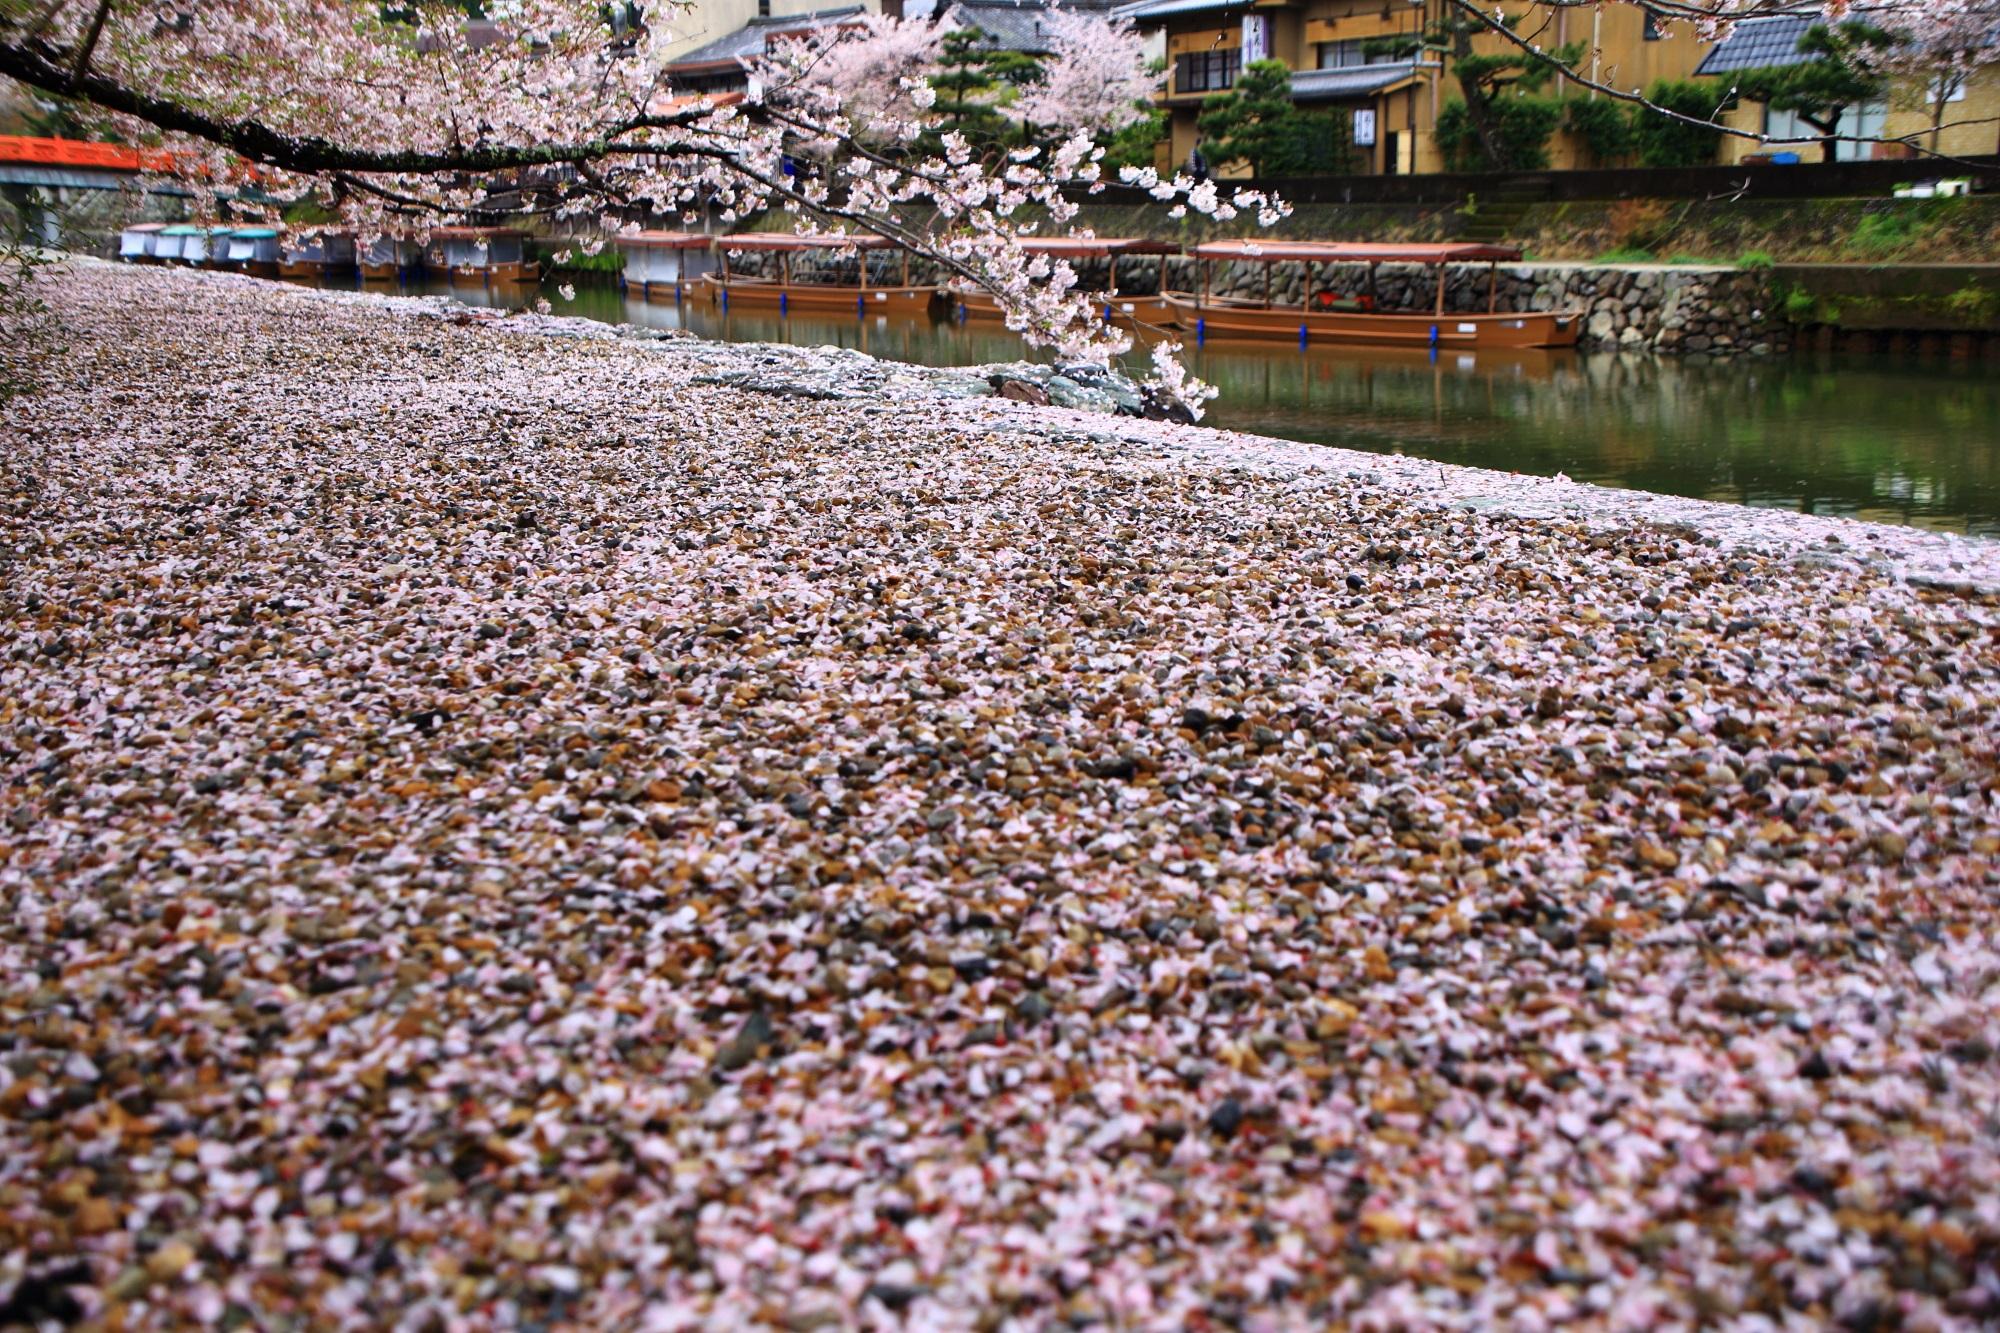 砂の上を覆う一面の散り桜